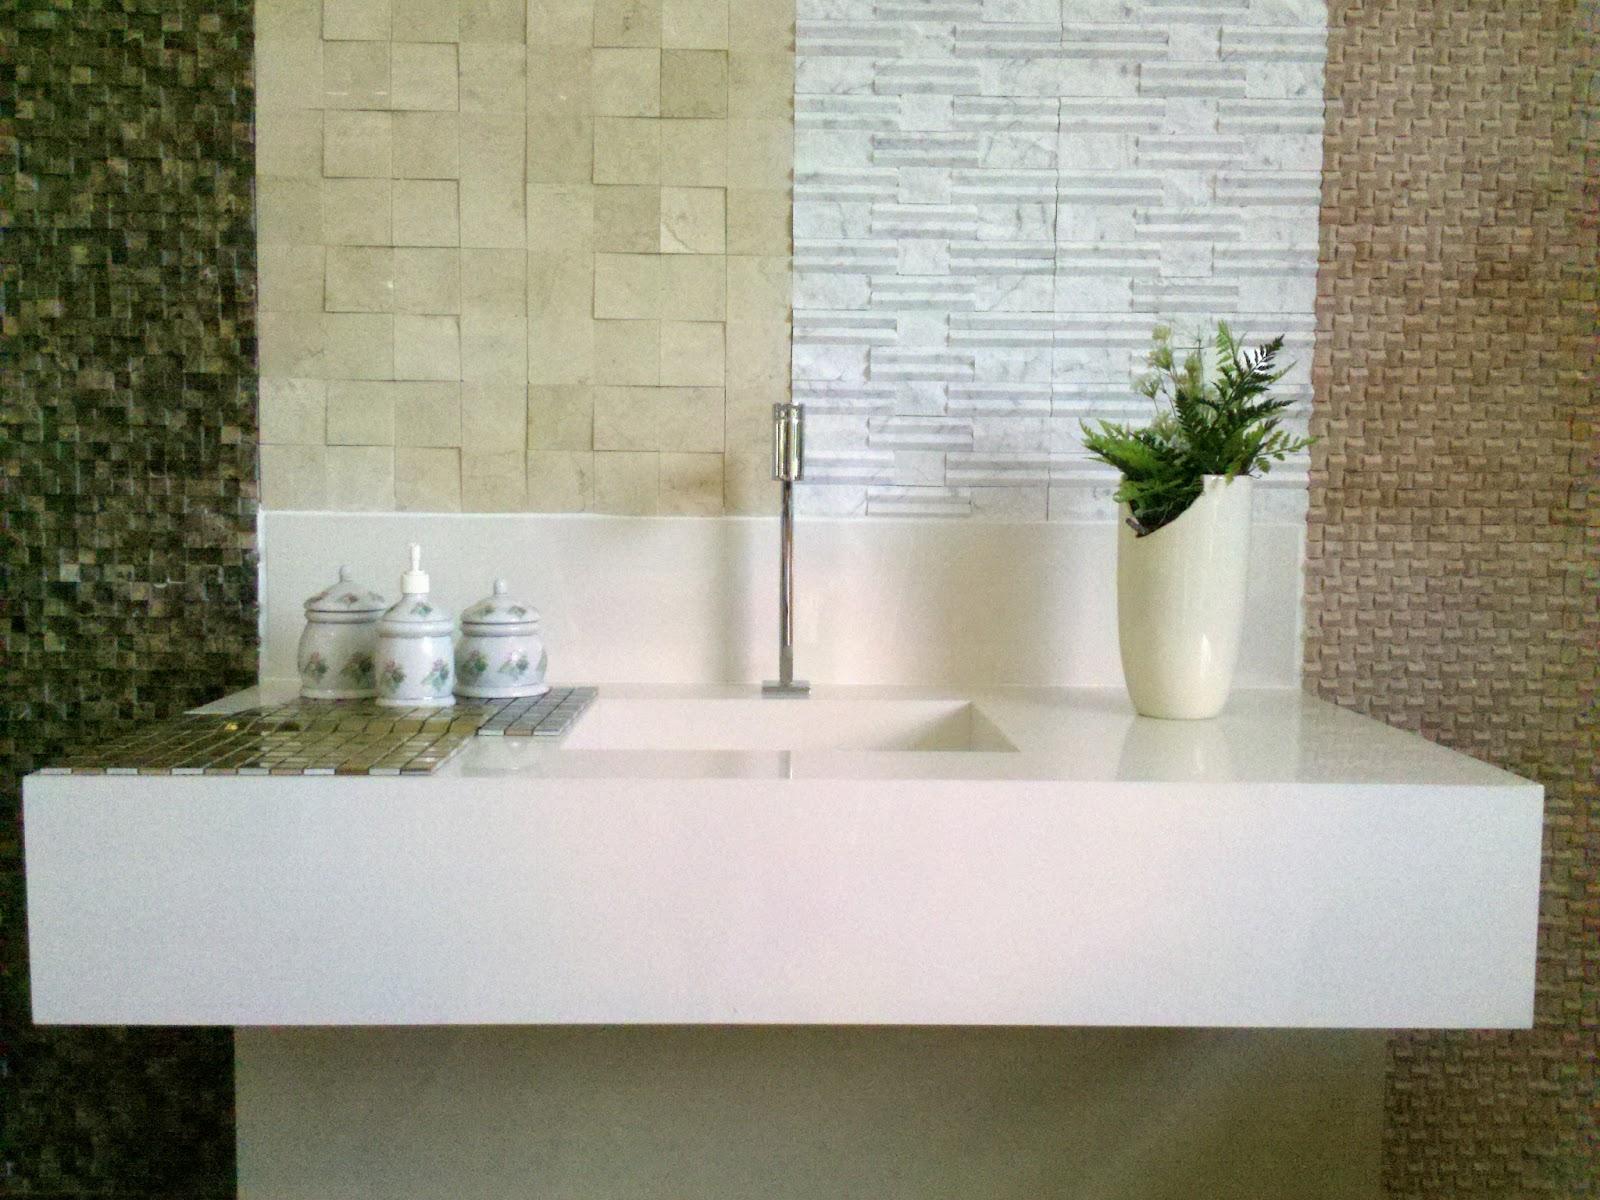 ARQUITED: Bancadas em porcelanato #33351A 1600x1200 Banheiro Bancada Porcelanato